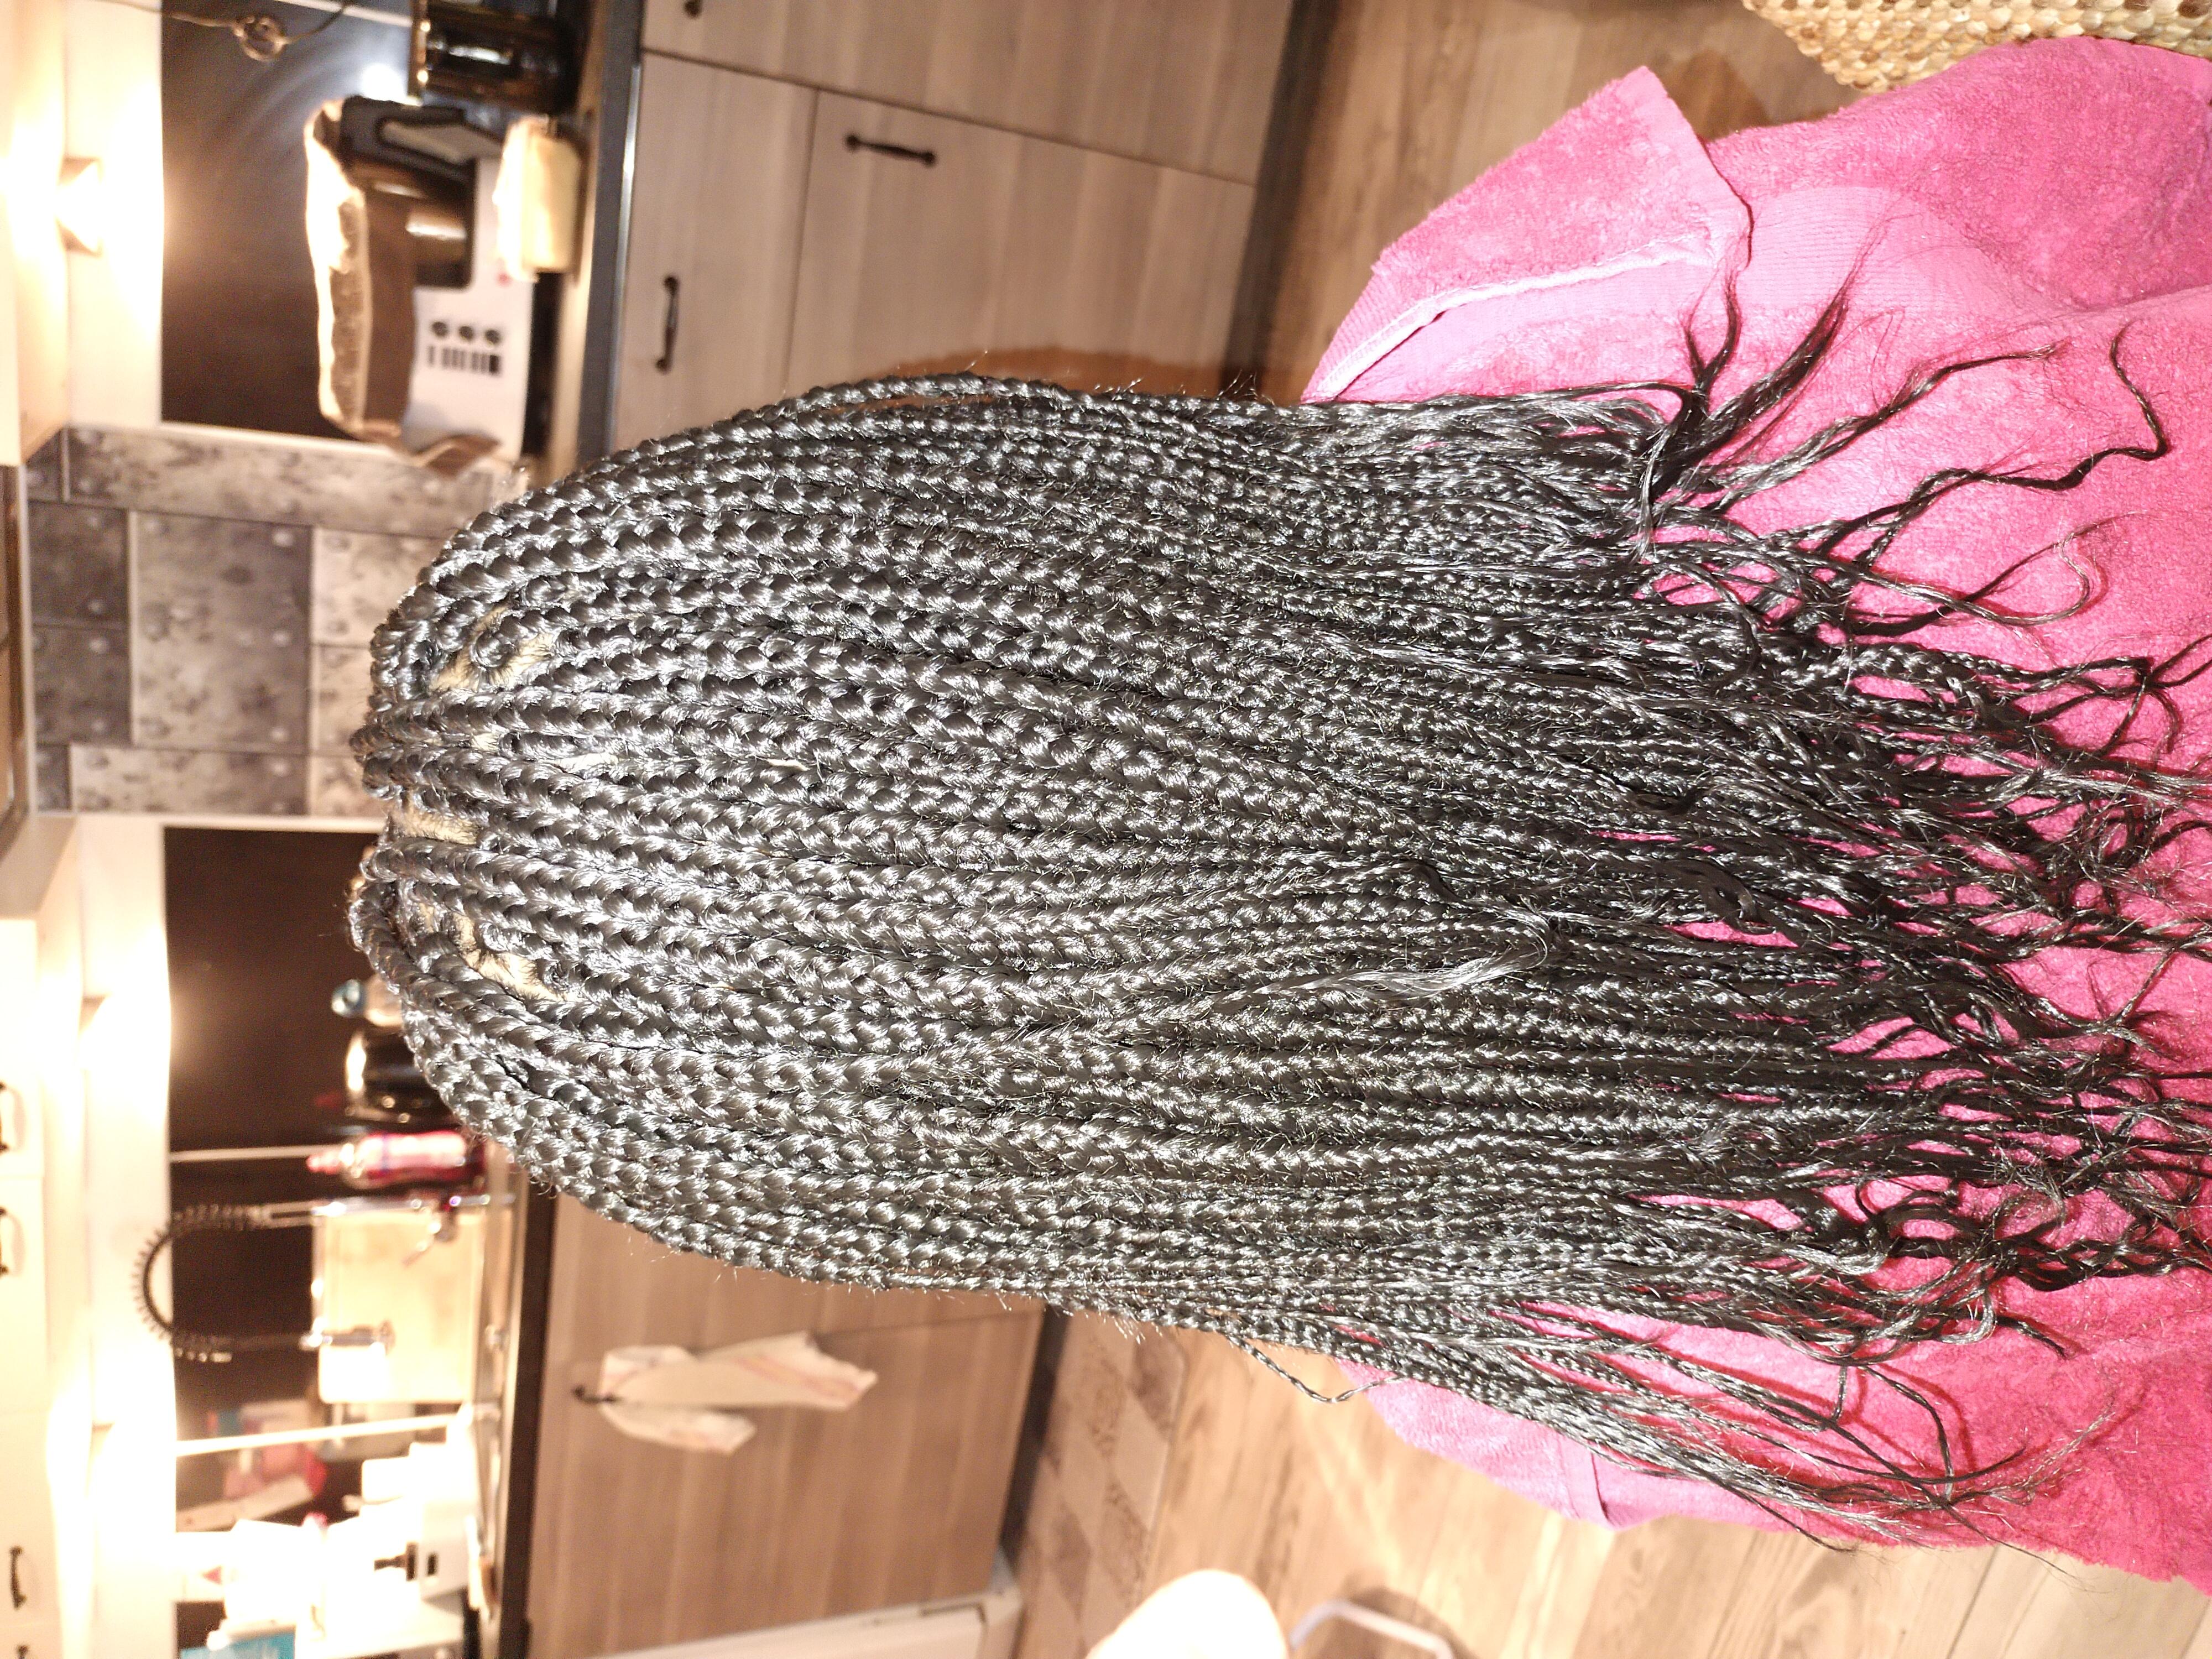 salon de coiffure afro tresse tresses box braids crochet braids vanilles tissages paris 75 77 78 91 92 93 94 95 UOVHAGFN